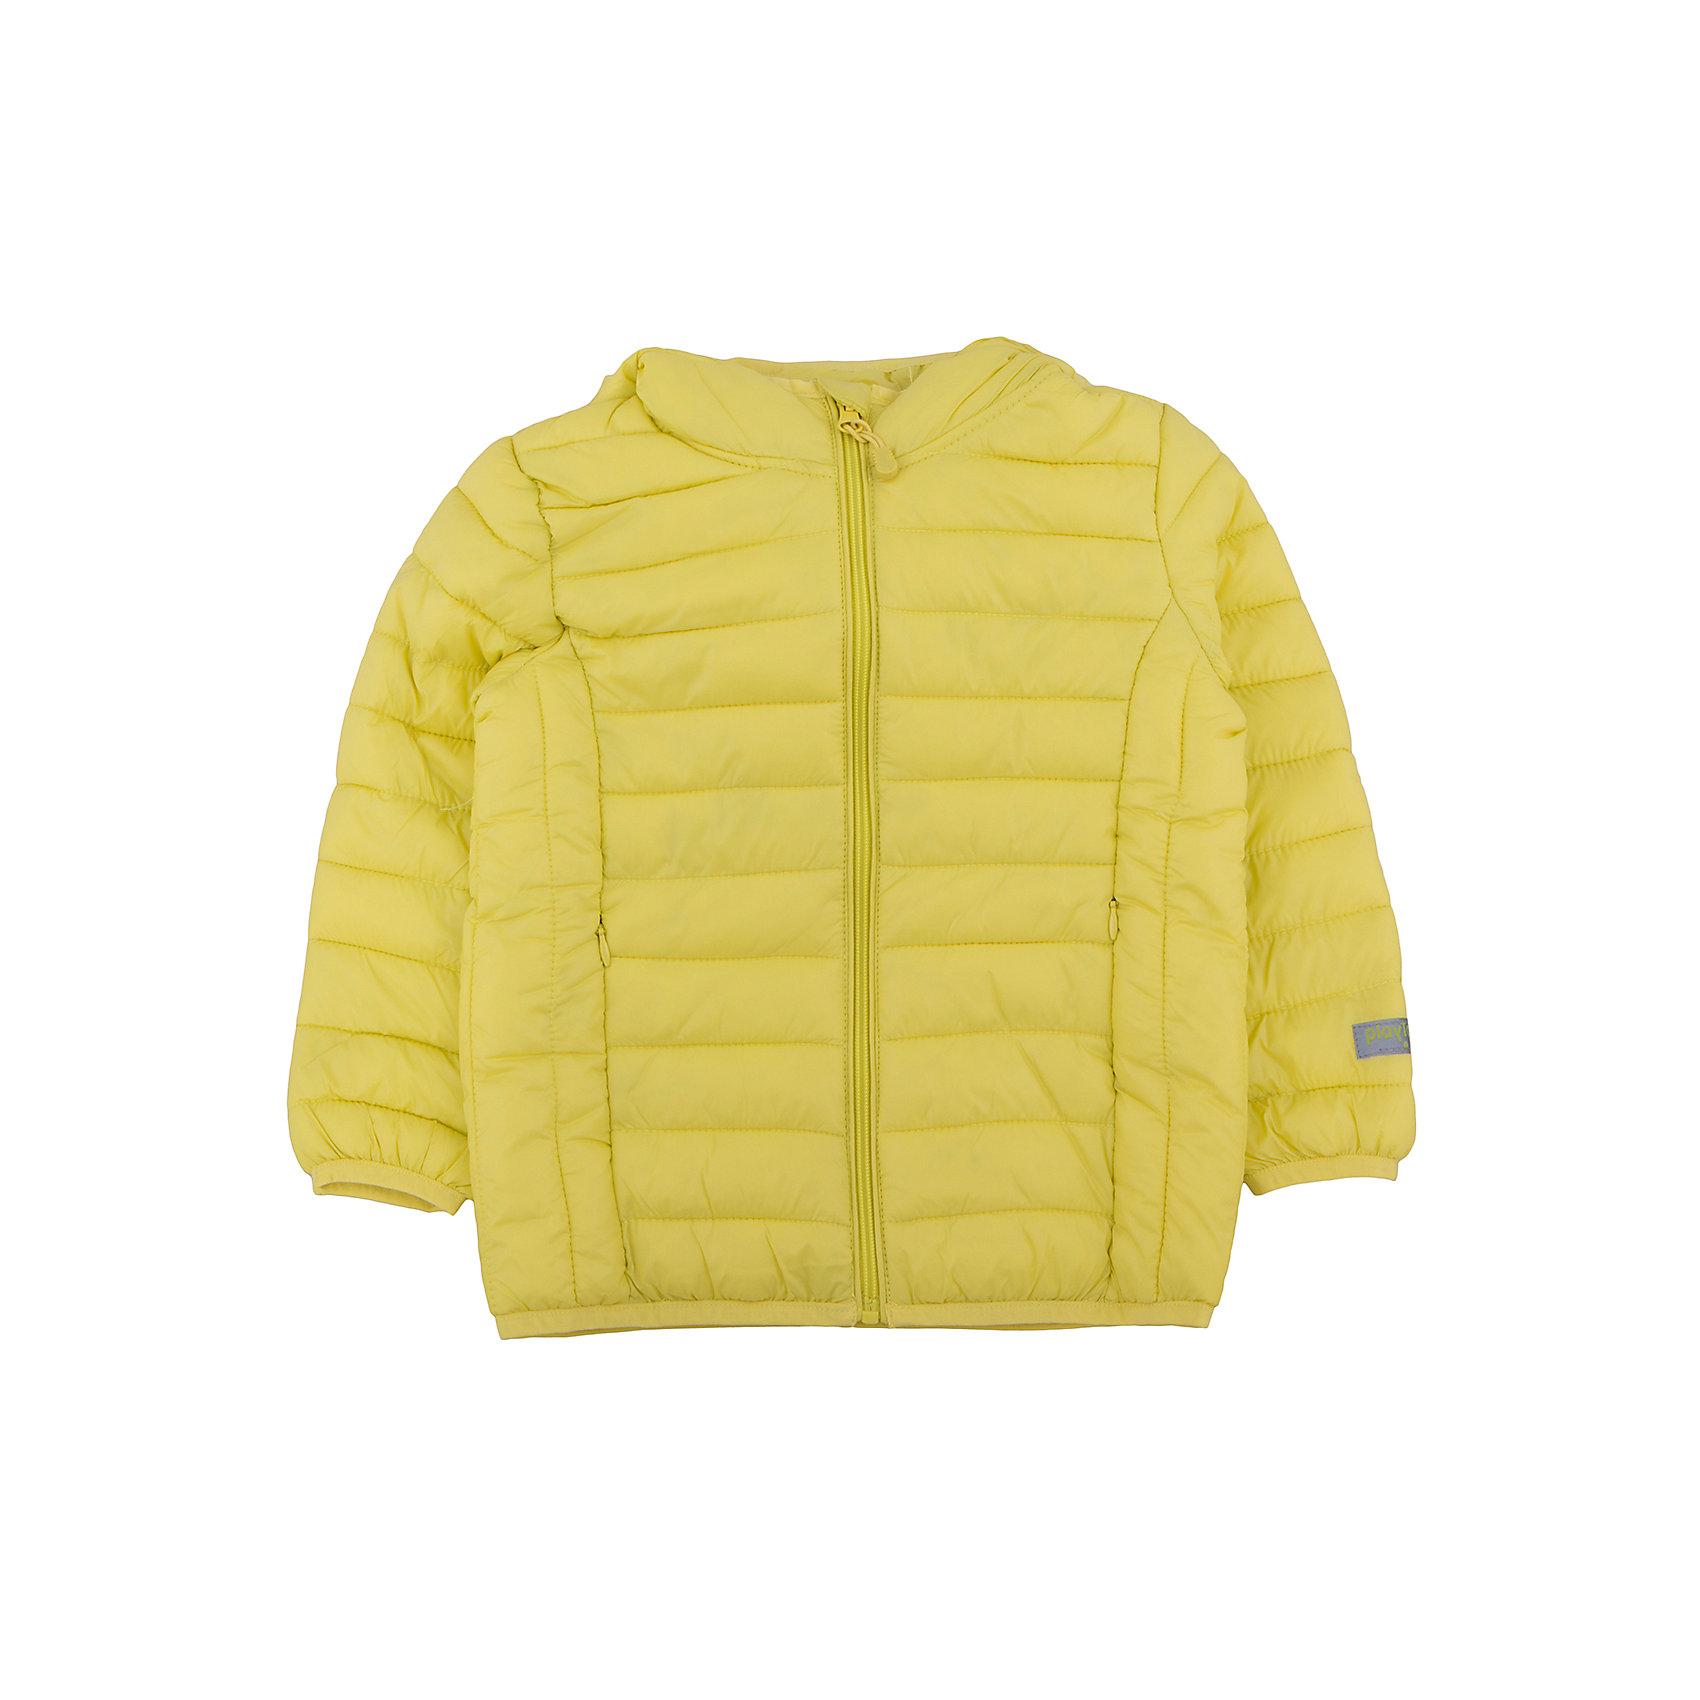 Куртка для мальчика PlayTodayВерхняя одежда<br>Куртка для мальчика от известного бренда PlayToday.<br>Яркая лимонно-лаймовая стеганая куртка с капюшоном. Специально для капризов нашей погоды: легкая, можно удобно сложить и носить в сумке или рюкзаке. Защитит от ветра и легкого дождя.Застегивается на молнию с внутренней ветрозащитной планкой и защитой подбородка. Края обработаны эластичным кантом. <br>Состав:<br>Верх: 100% нейлон, подкладка: 100% нейлон, наполнитель: 100% полиэстер, 150 г<br><br>Ширина мм: 356<br>Глубина мм: 10<br>Высота мм: 245<br>Вес г: 519<br>Цвет: желтый<br>Возраст от месяцев: 48<br>Возраст до месяцев: 60<br>Пол: Мужской<br>Возраст: Детский<br>Размер: 110,104,122,98,116,128<br>SKU: 4896550